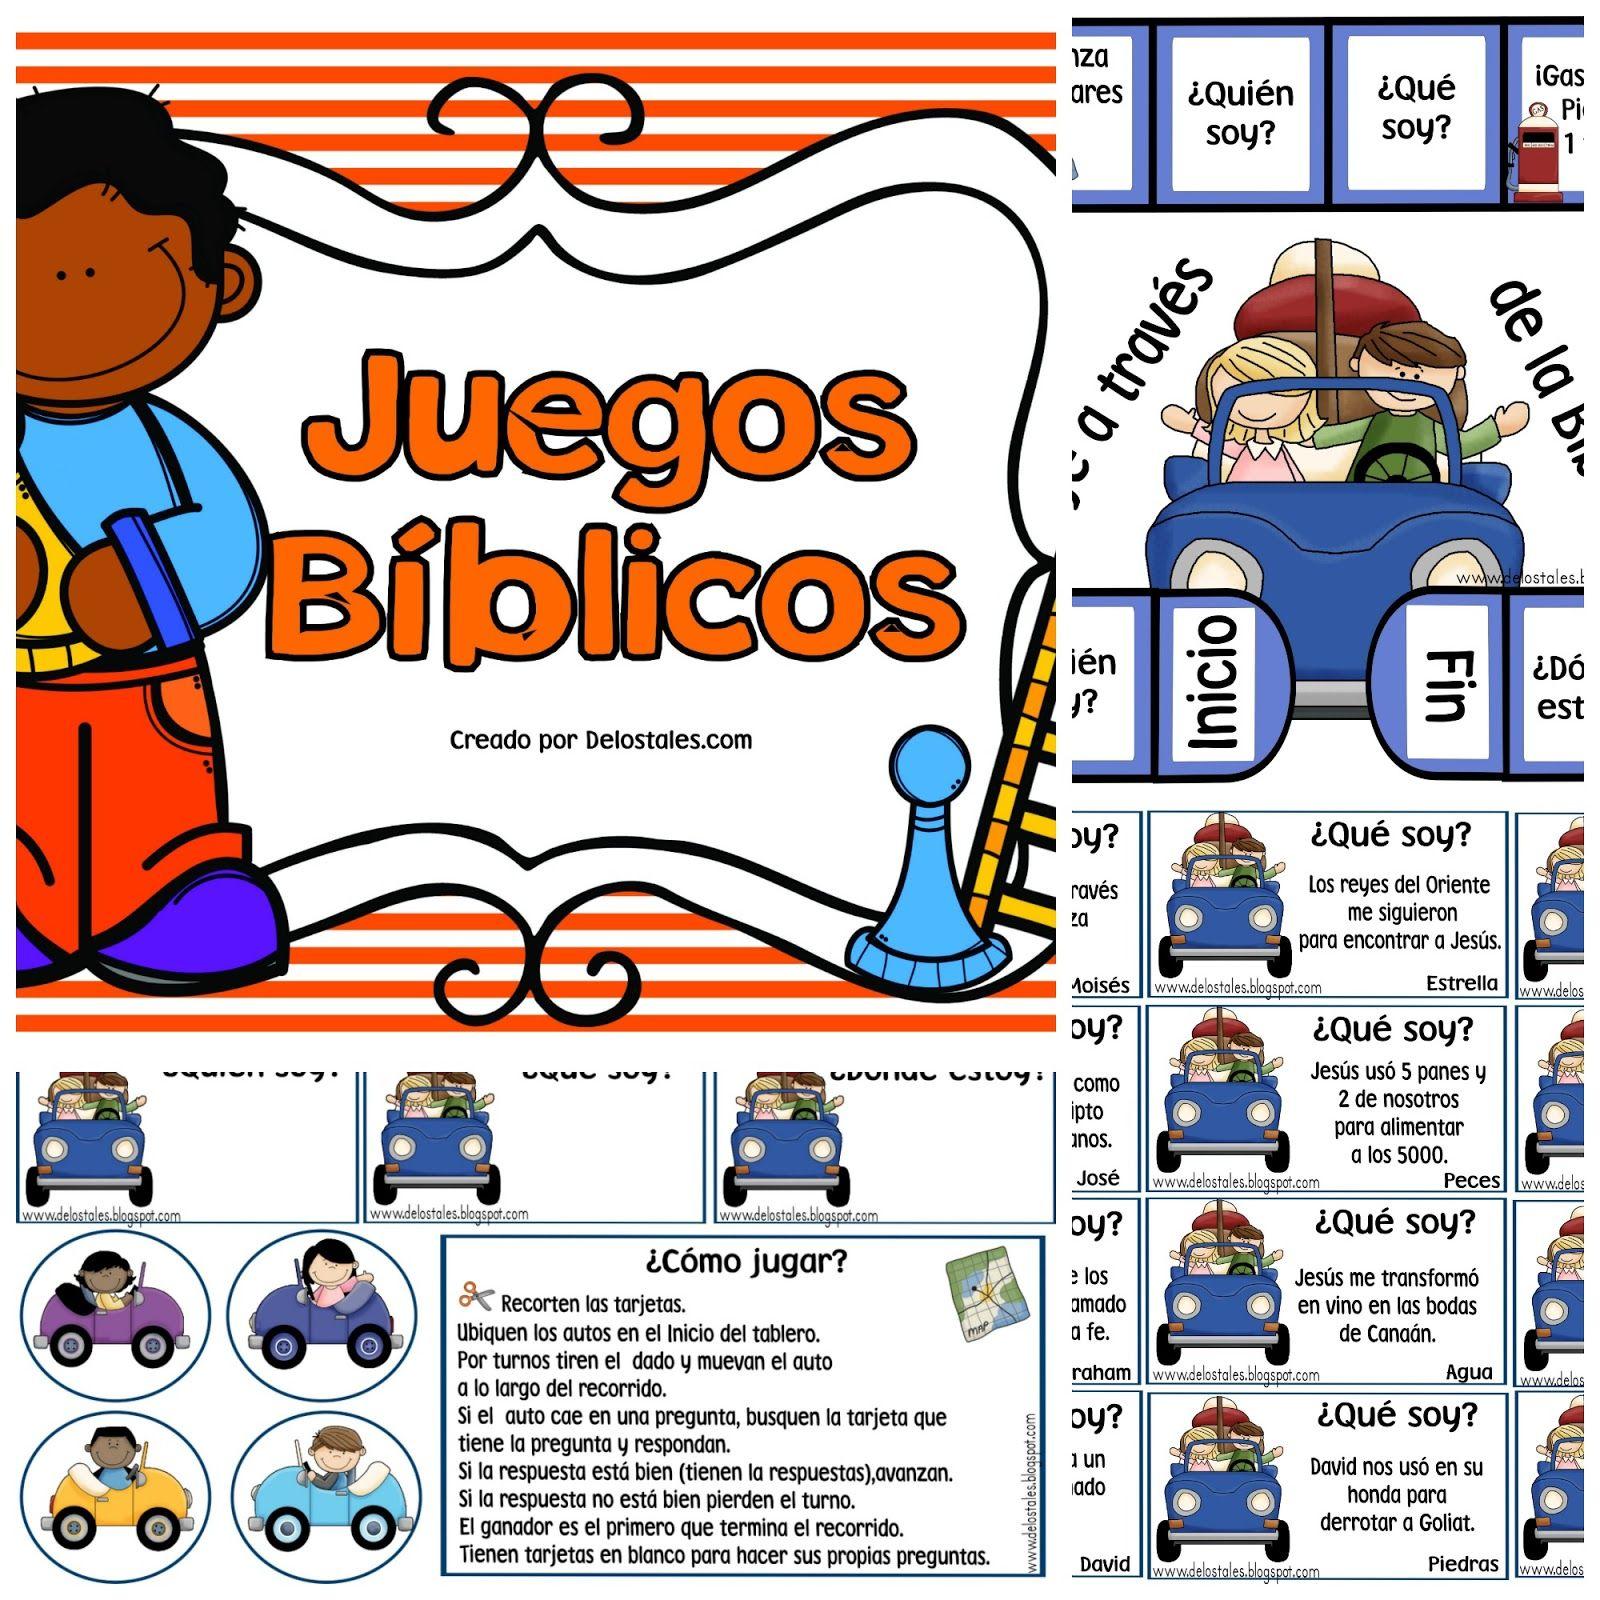 Juegos Bíblicos Escuela Dominical Juegos Recursos Cristianos Material Juegos De La Escuela Dominical 10 Mandamientos Para Niños Temas Para Niños Cristianos